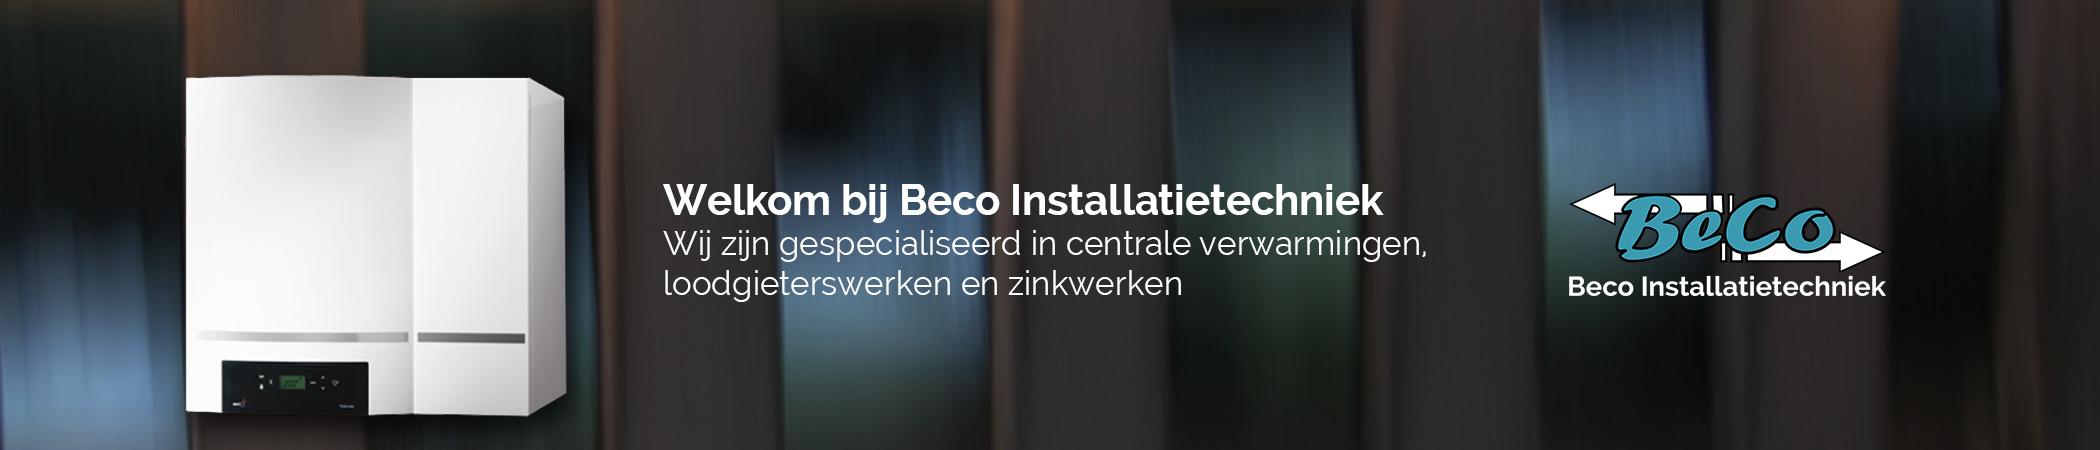 Beco Installatietechniek